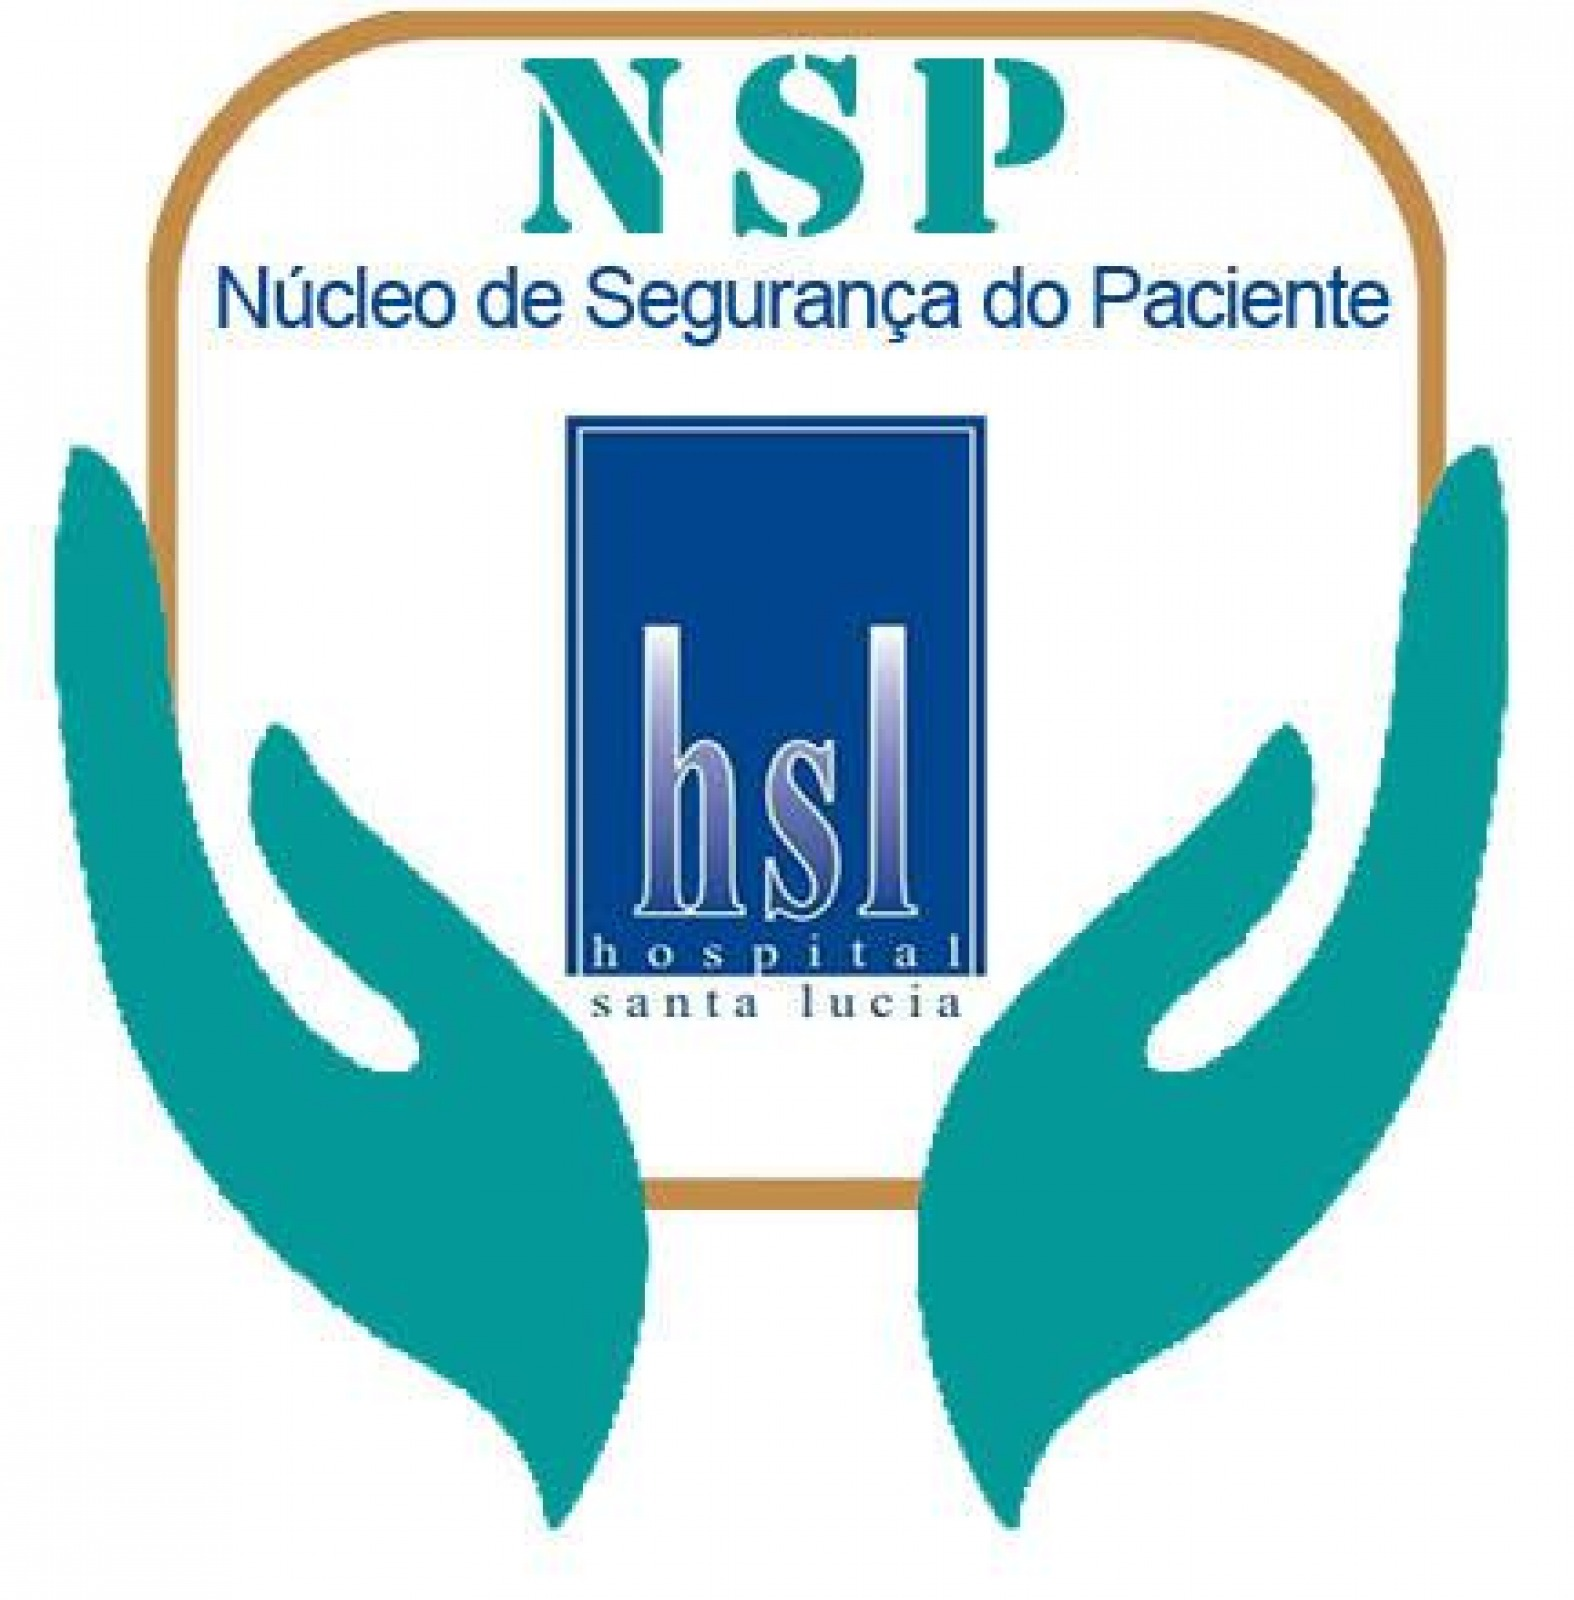 Núcleo de Segurança do Paciente - NSP